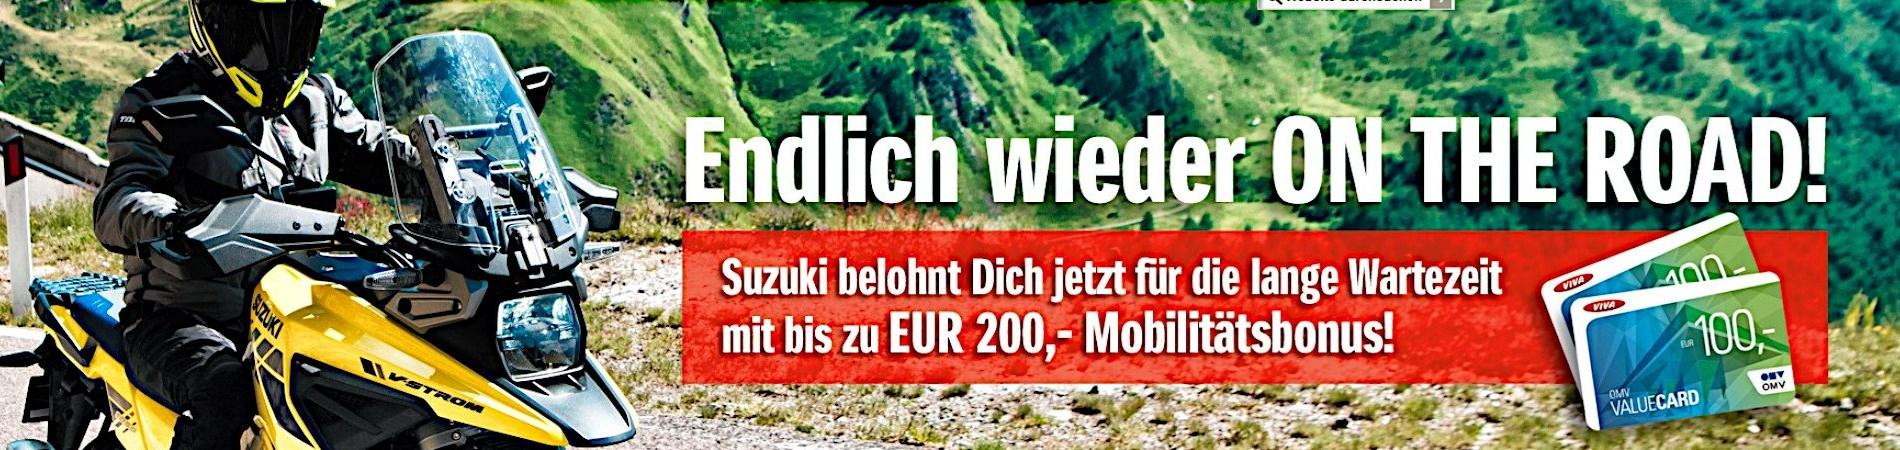 Suzuki belohnt Dich jetzt für die lange Wartezeit mit bis zu EUR 200,- Mobilitätsbonus!